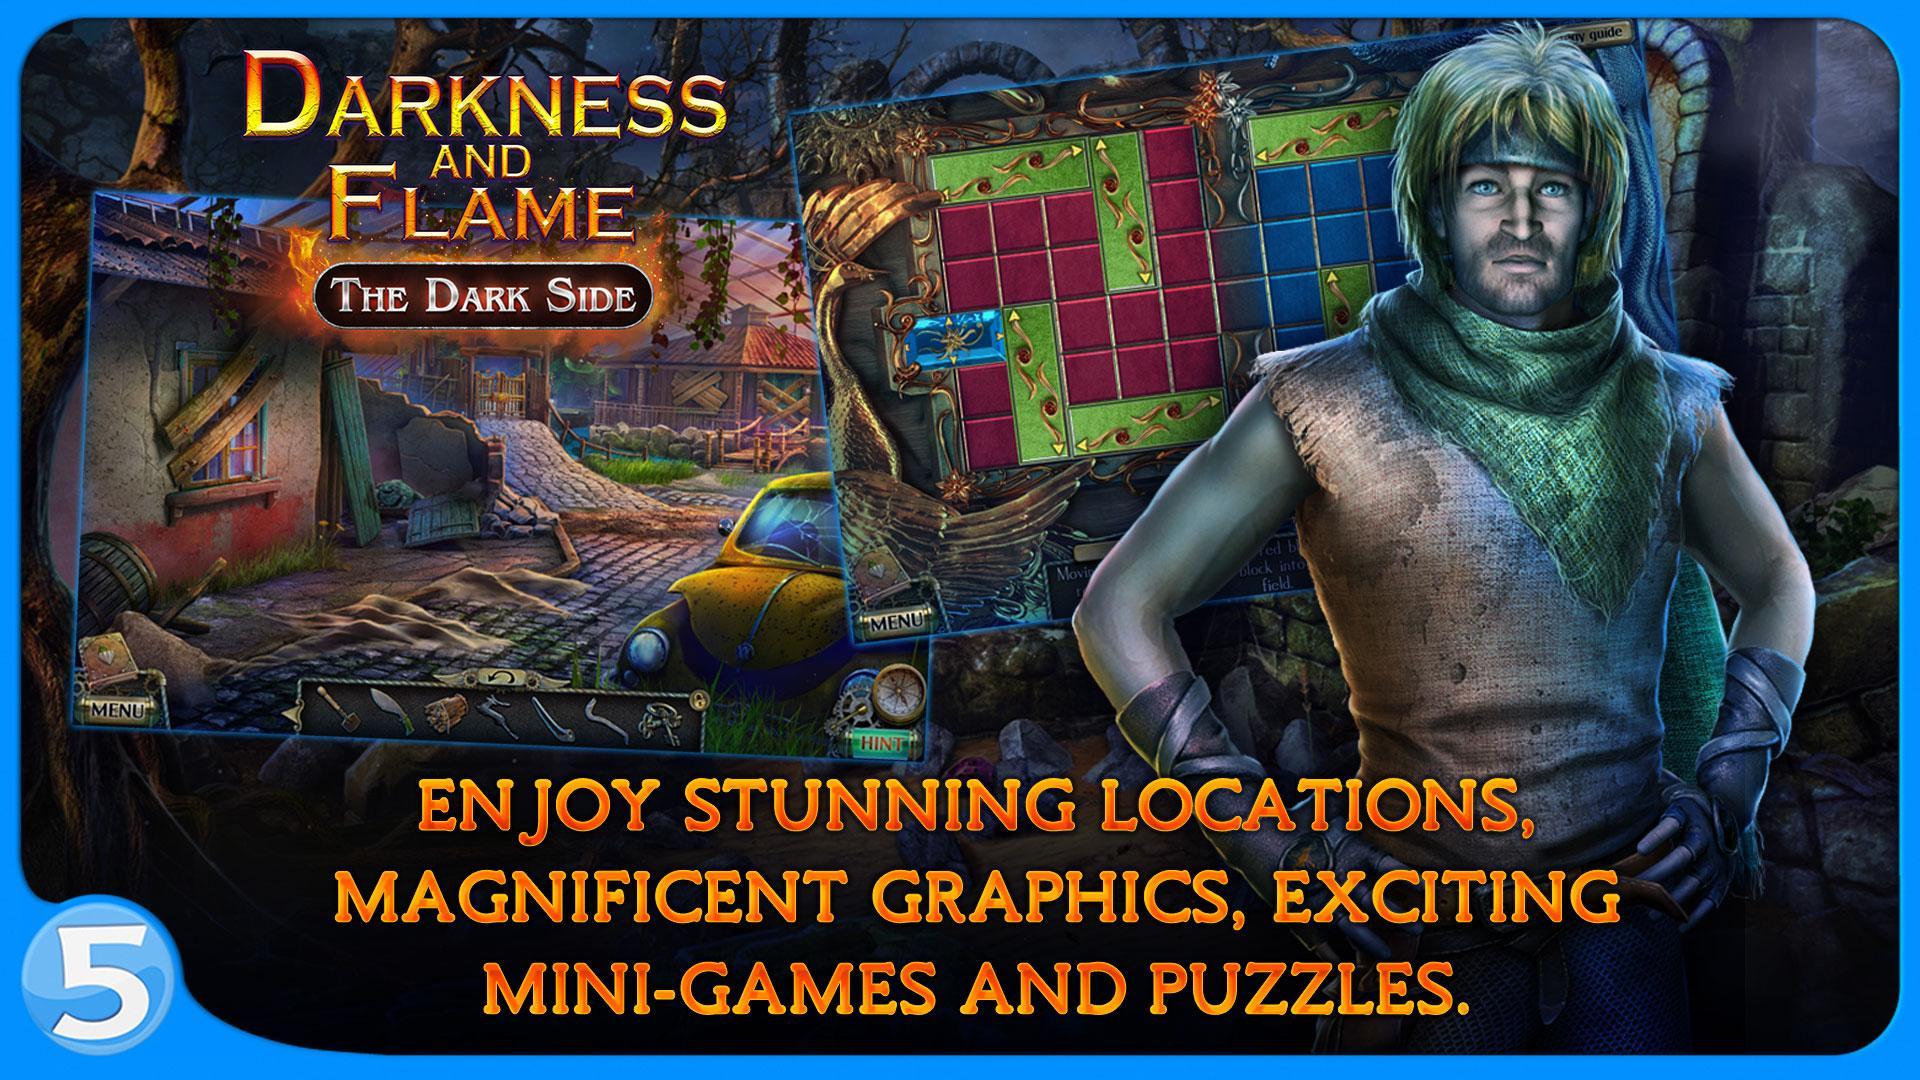 دانلود Darkness and Flame 3 (Full) 1.0.5 – بازی ماجراجویی شعله ای در تاریکی 3 اندروید